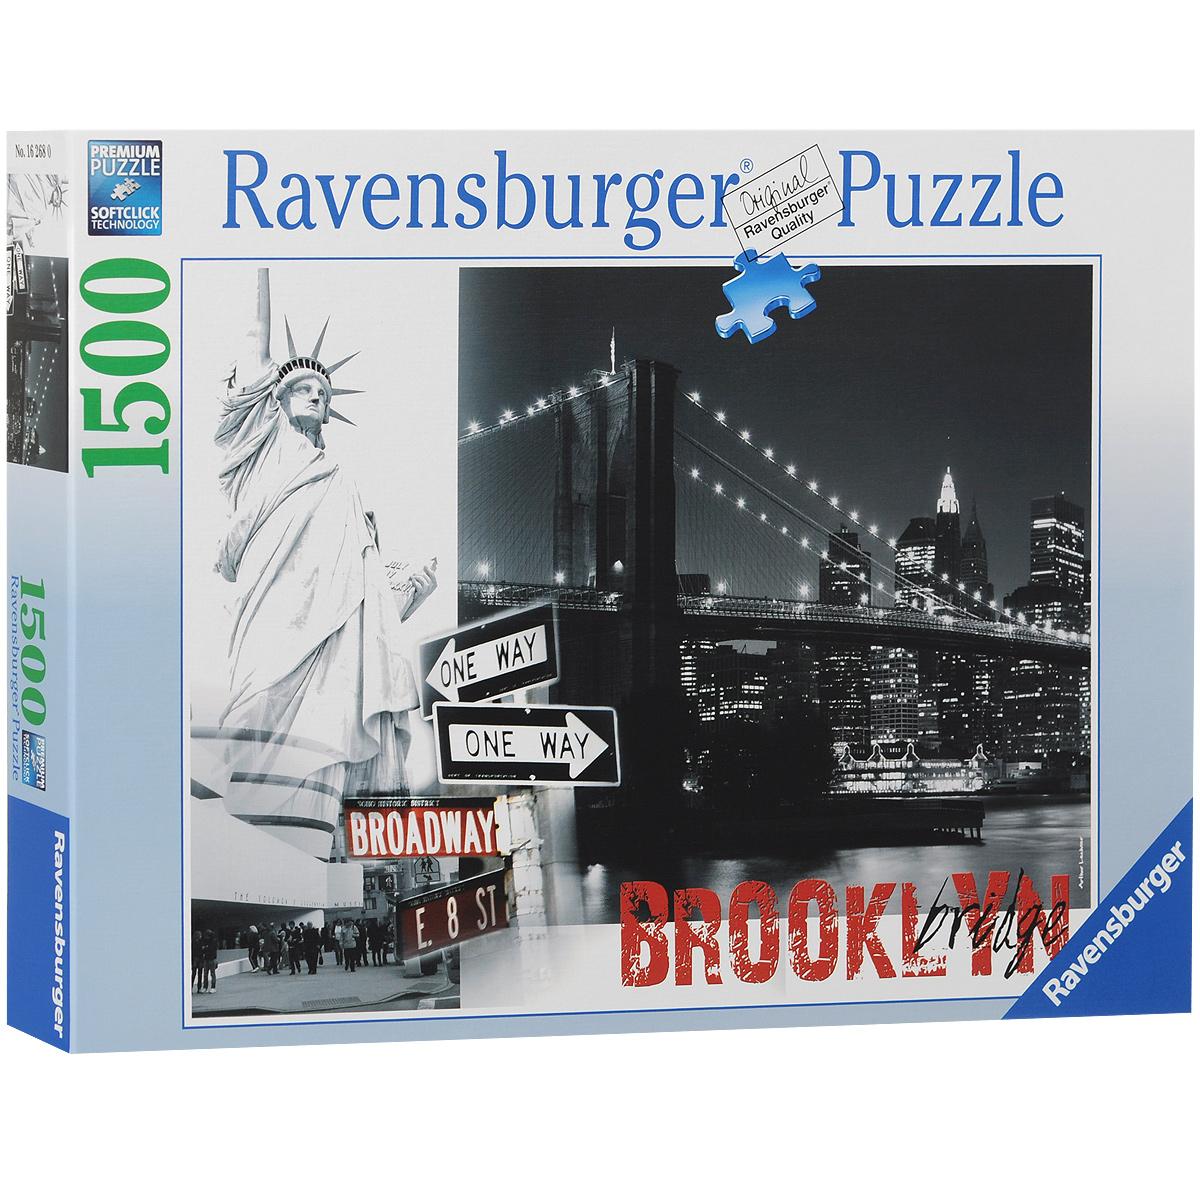 Ravensburger Бруклинский мост. Пазл, 1500 элементов162680Пазл Ravensburger Бруклинский мост, без сомнения, придется вам по душе. Собрав этот пазл, включающий в себя 1500 элементов, вы получите великолепную картину с изображением одноименного моста. Бруклинский мост - один из старейших висячих мостов в США, его длина составляет 1825 метров, он пересекает пролив Ист-Ривер и соединяет Бруклин и Манхэттен в городе Нью-Йорк. На момент окончания строительства он являлся самым большим подвесным мостом в мире и первым мостом, в конструкции которого использовались стальные прутья. Каждая деталь имеет свою форму и подходит только на своё место. Нет двух одинаковых деталей! Пазл изготовлен из картона высочайшего качества. Все изображения аккуратно отсканированы и напечатаны на ламинированной бумаге. Пазл - великолепная игра для семейного досуга. Сегодня собирание пазлов стало особенно популярным, главным образом, благодаря своей многообразной тематике, способной удовлетворить самый взыскательный вкус. А для детей это не только...